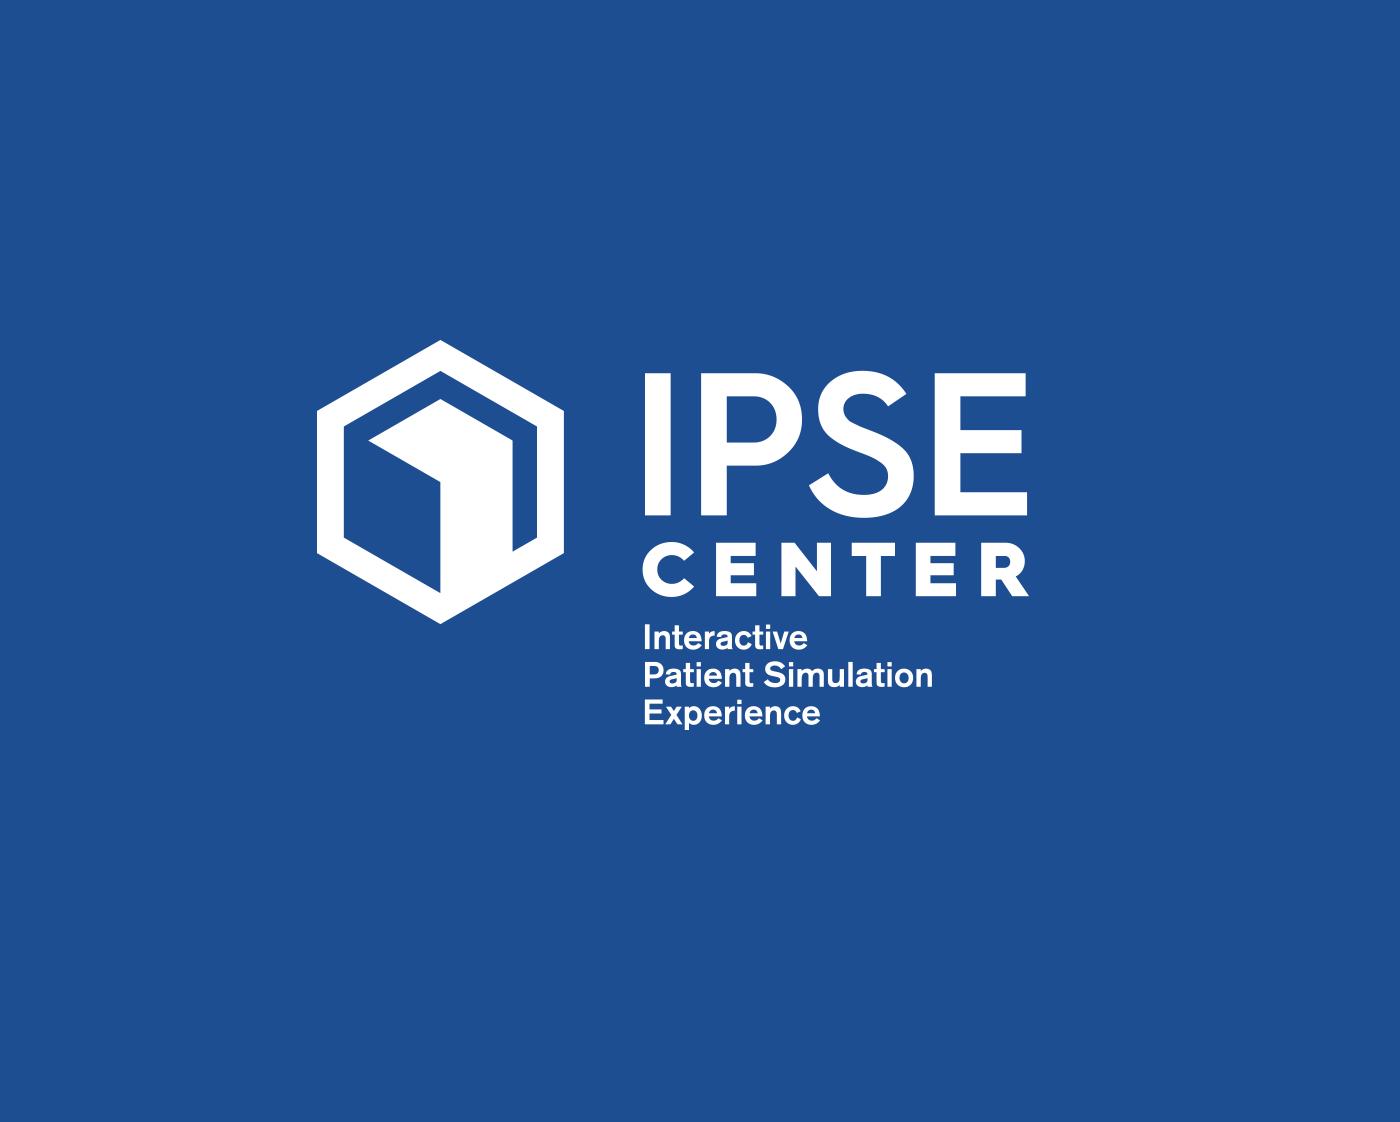 Ipse Center per la fondazione Gemelli